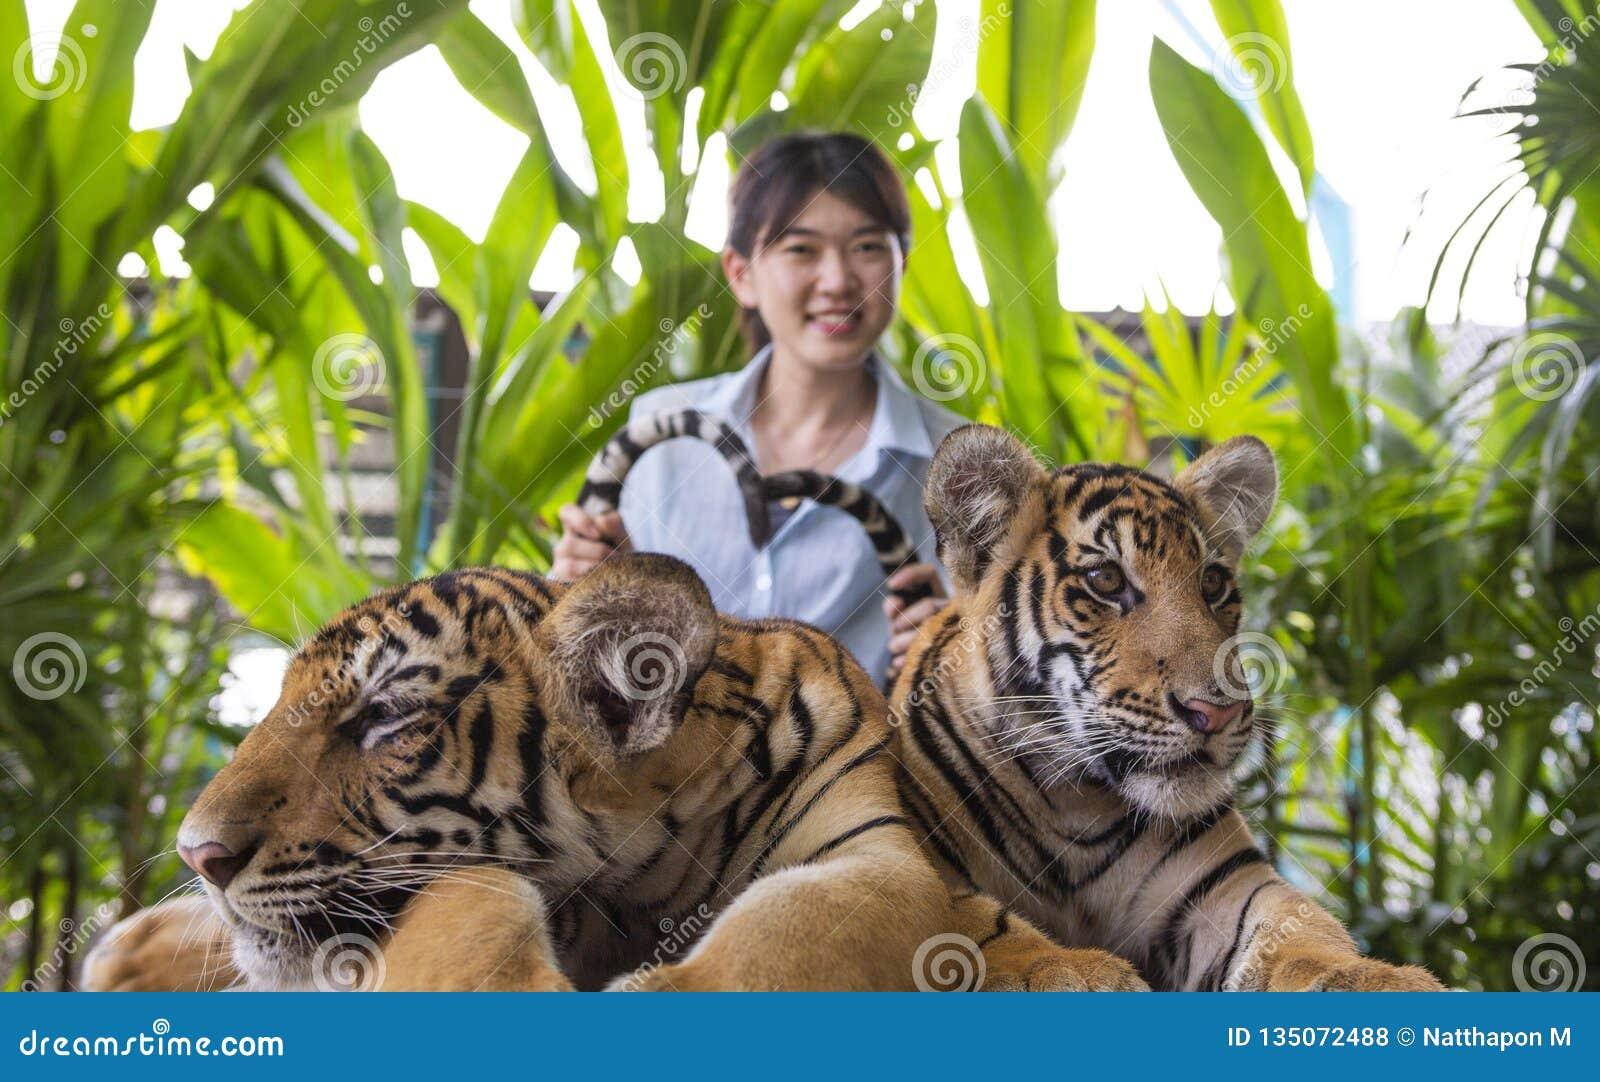 亚裔年轻女人捉住老虎尾巴